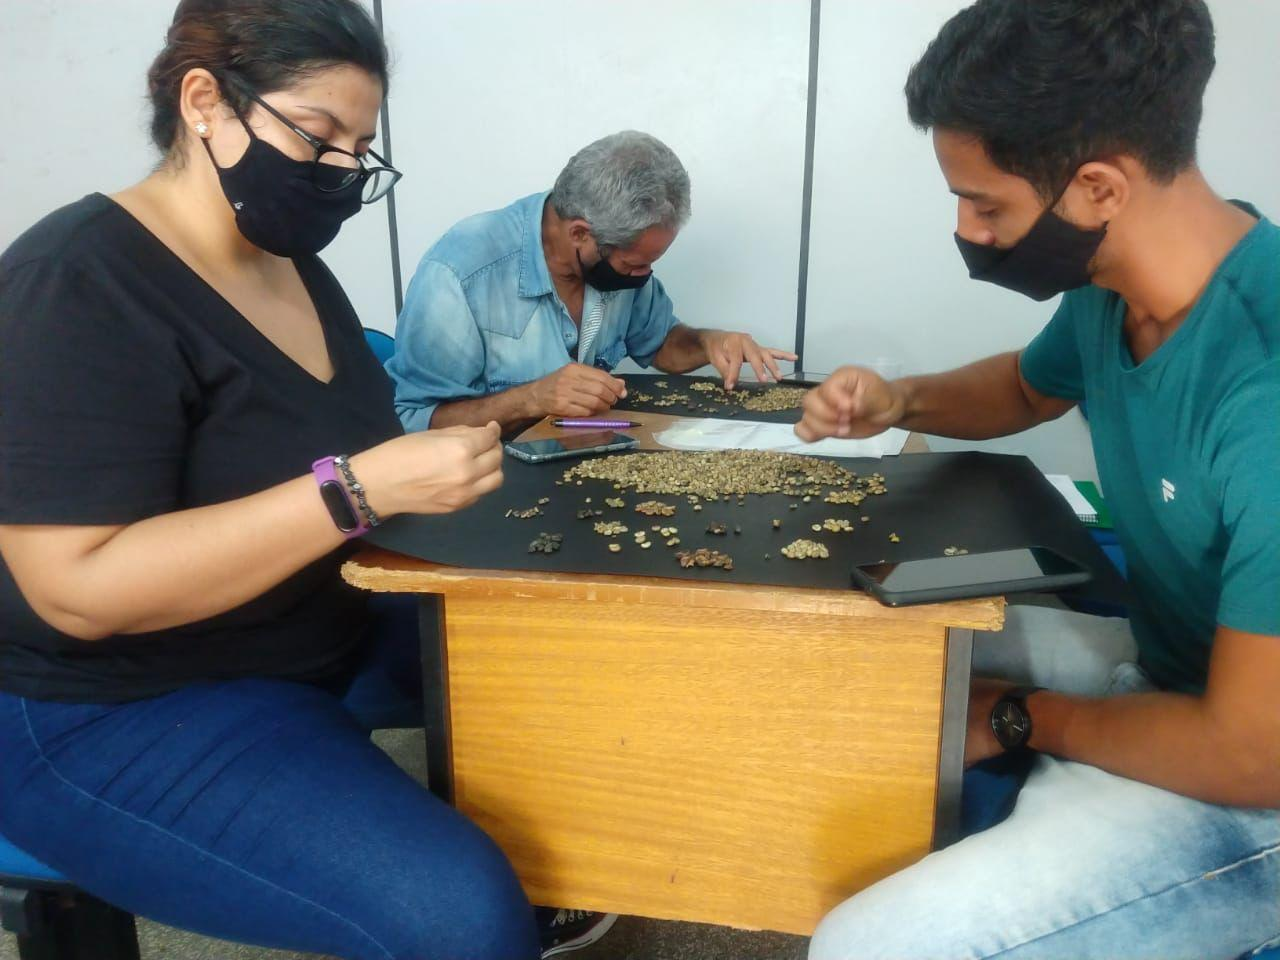 Semagri e Senar oferecem curso de qualificação do café em Rolim de Moura